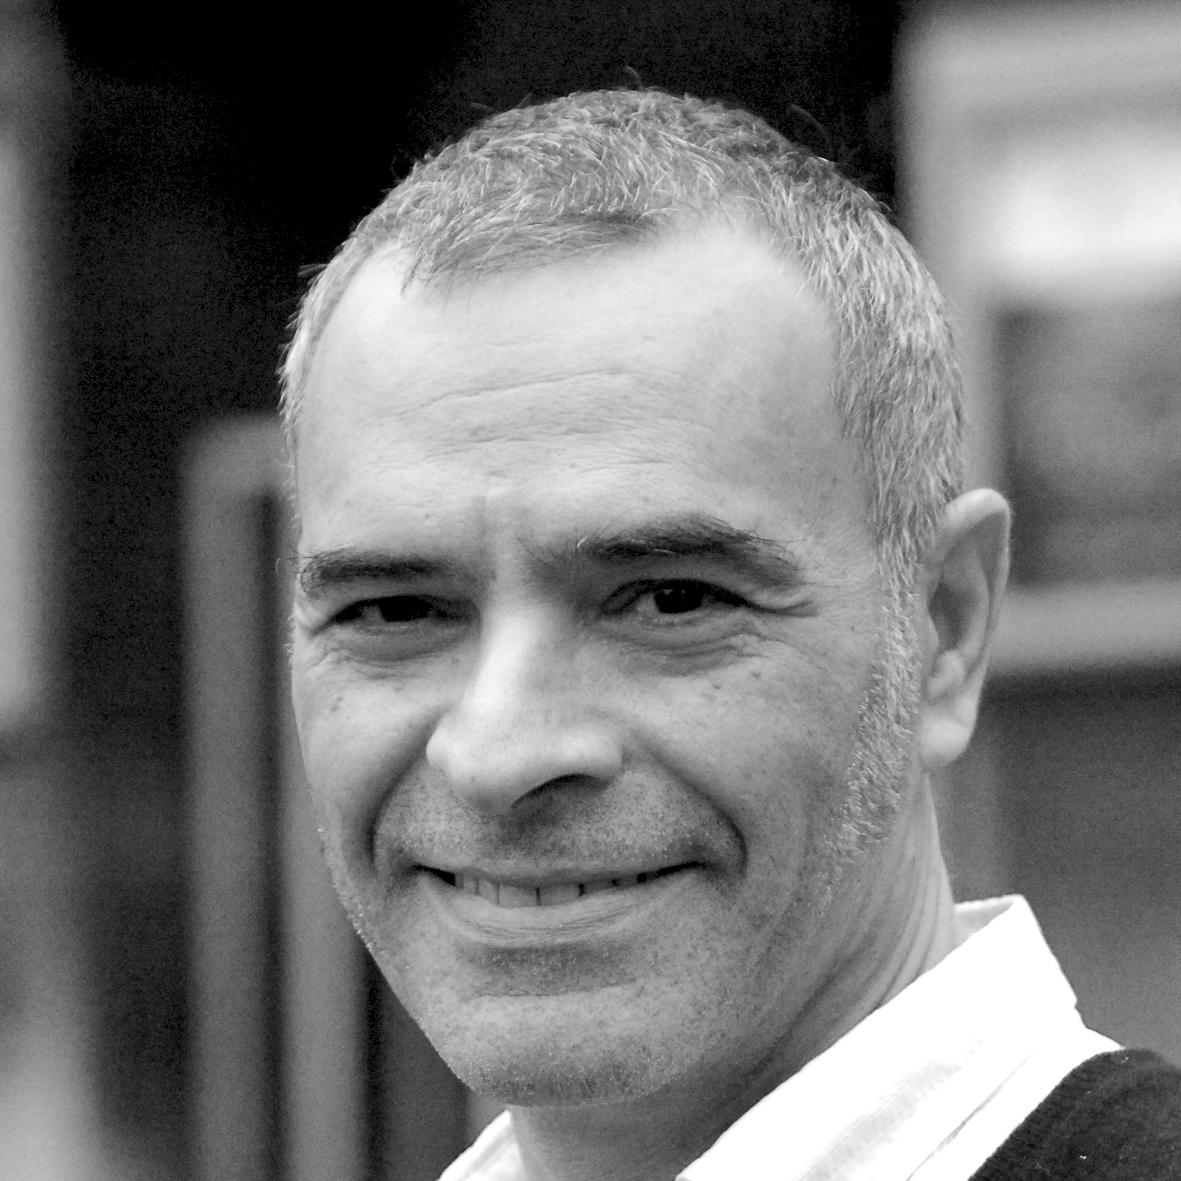 Carlo Centolavigna